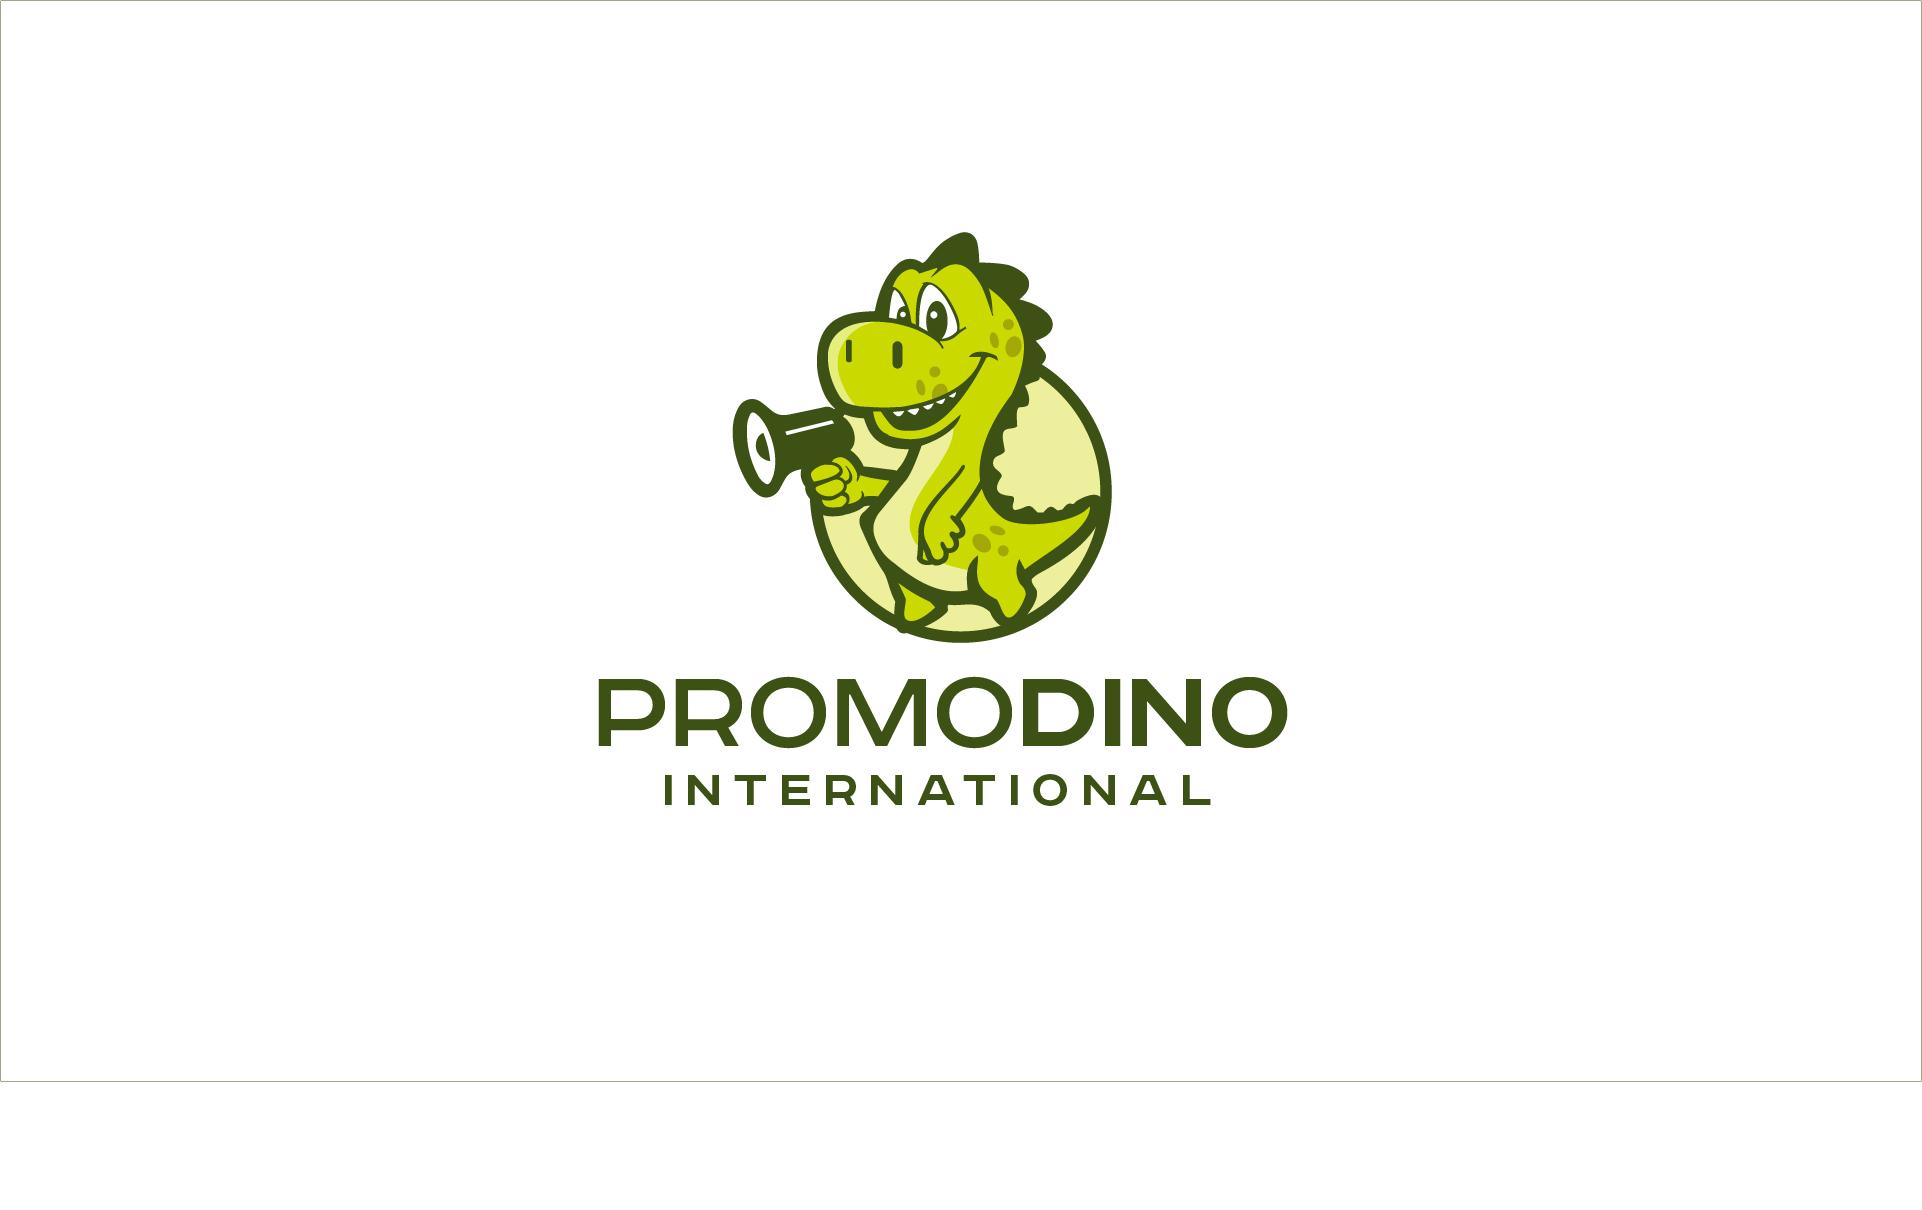 Importeur für Werbeartikel sucht Logo-Design